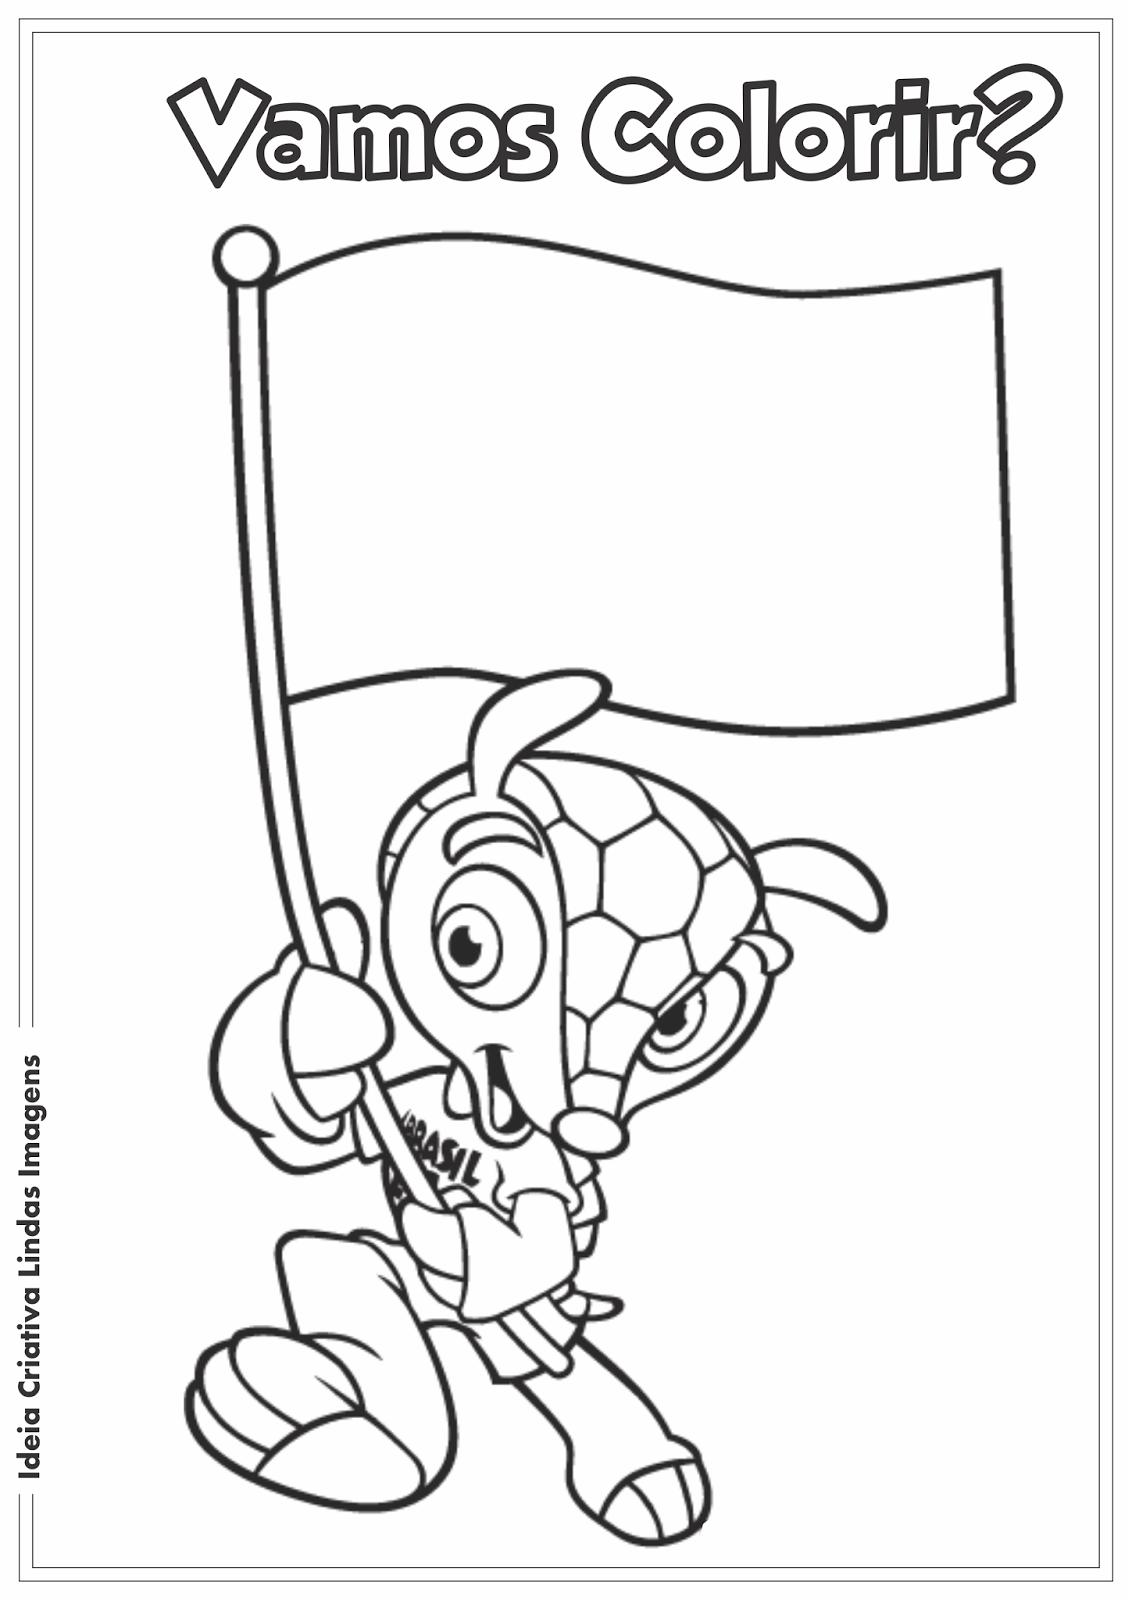 Fuleco Mascote Da Copa 2014 Pra Colorir